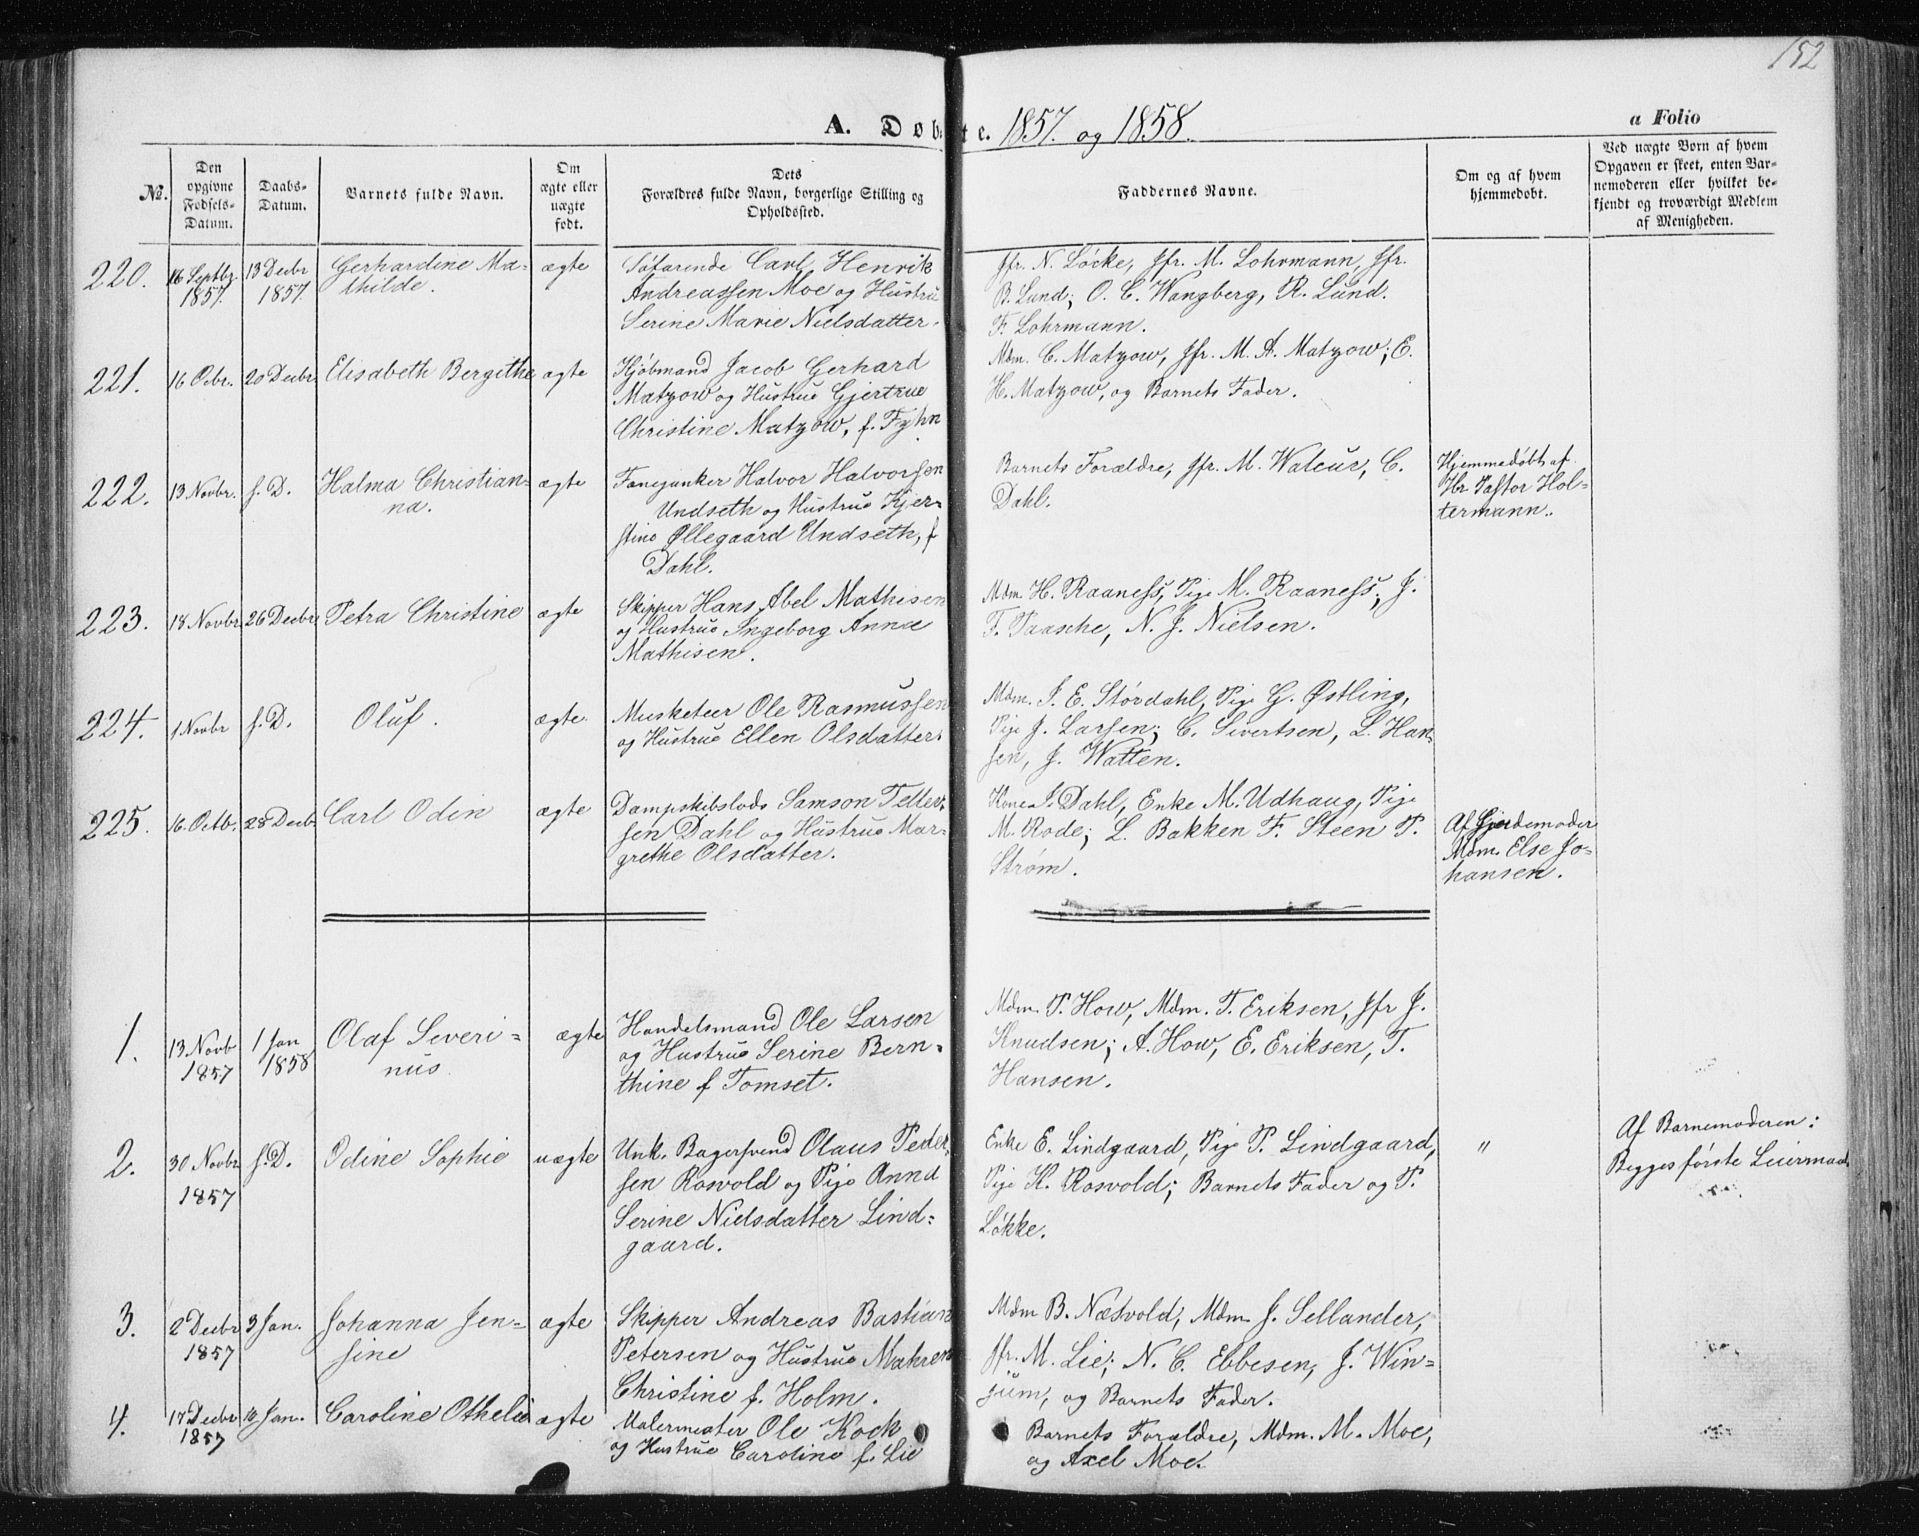 SAT, Ministerialprotokoller, klokkerbøker og fødselsregistre - Sør-Trøndelag, 602/L0112: Ministerialbok nr. 602A10, 1848-1859, s. 152